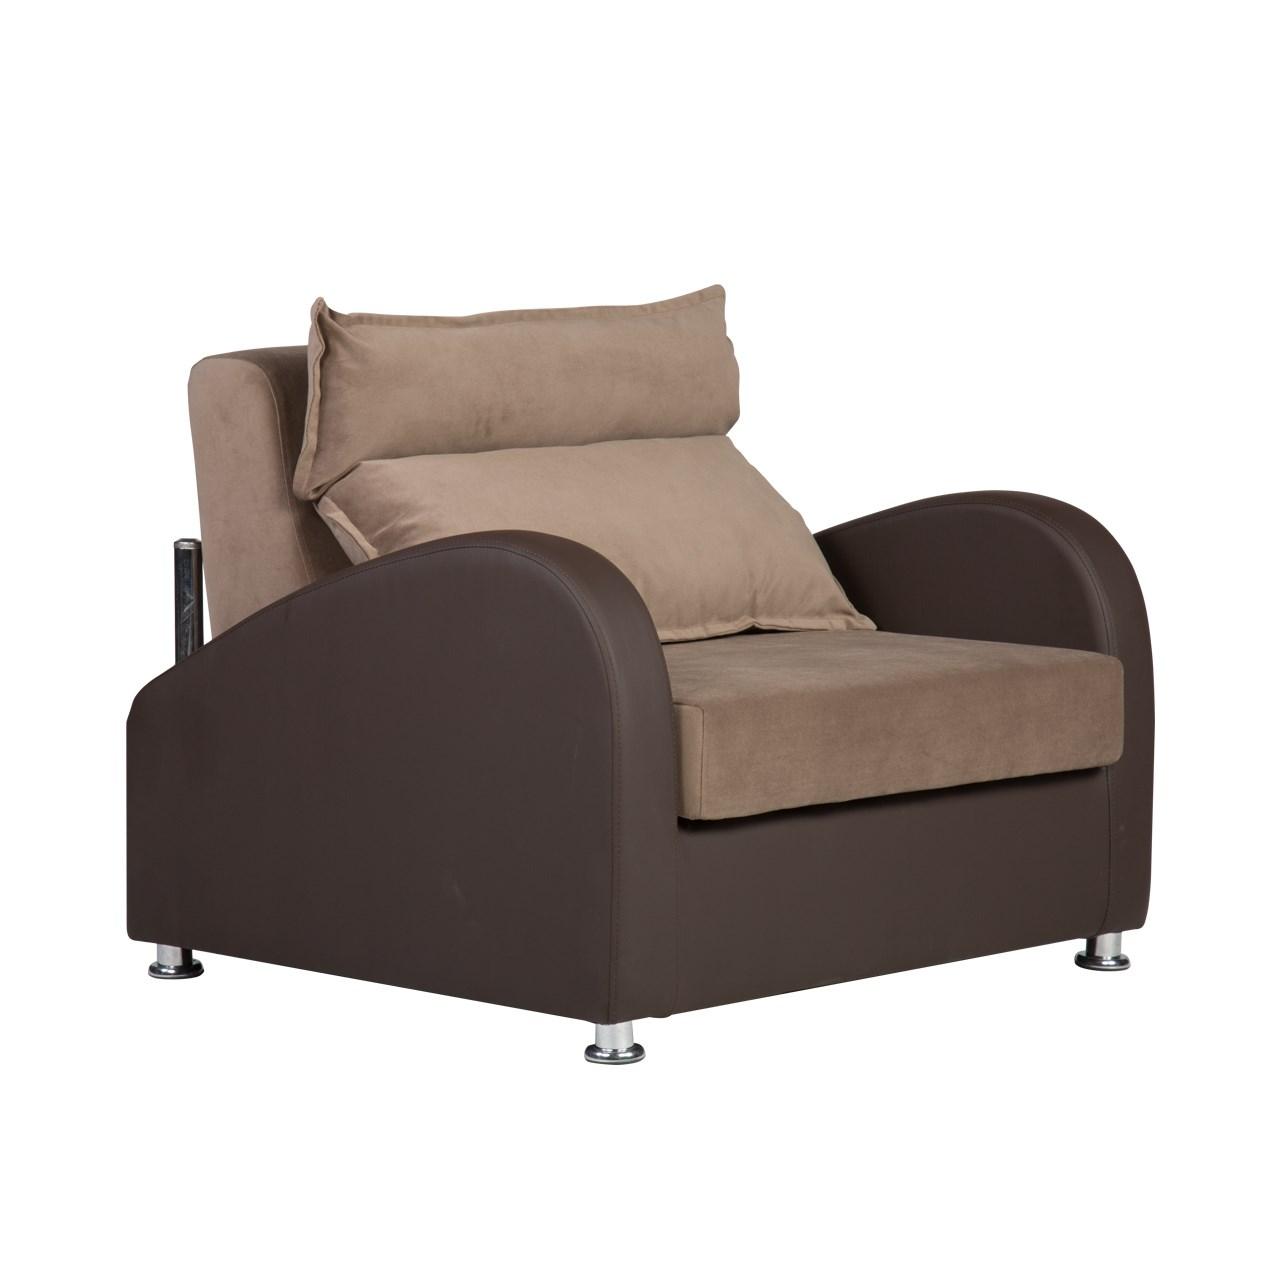 مبل تختخوابشو یک نفره آرا سوفا مدل G16